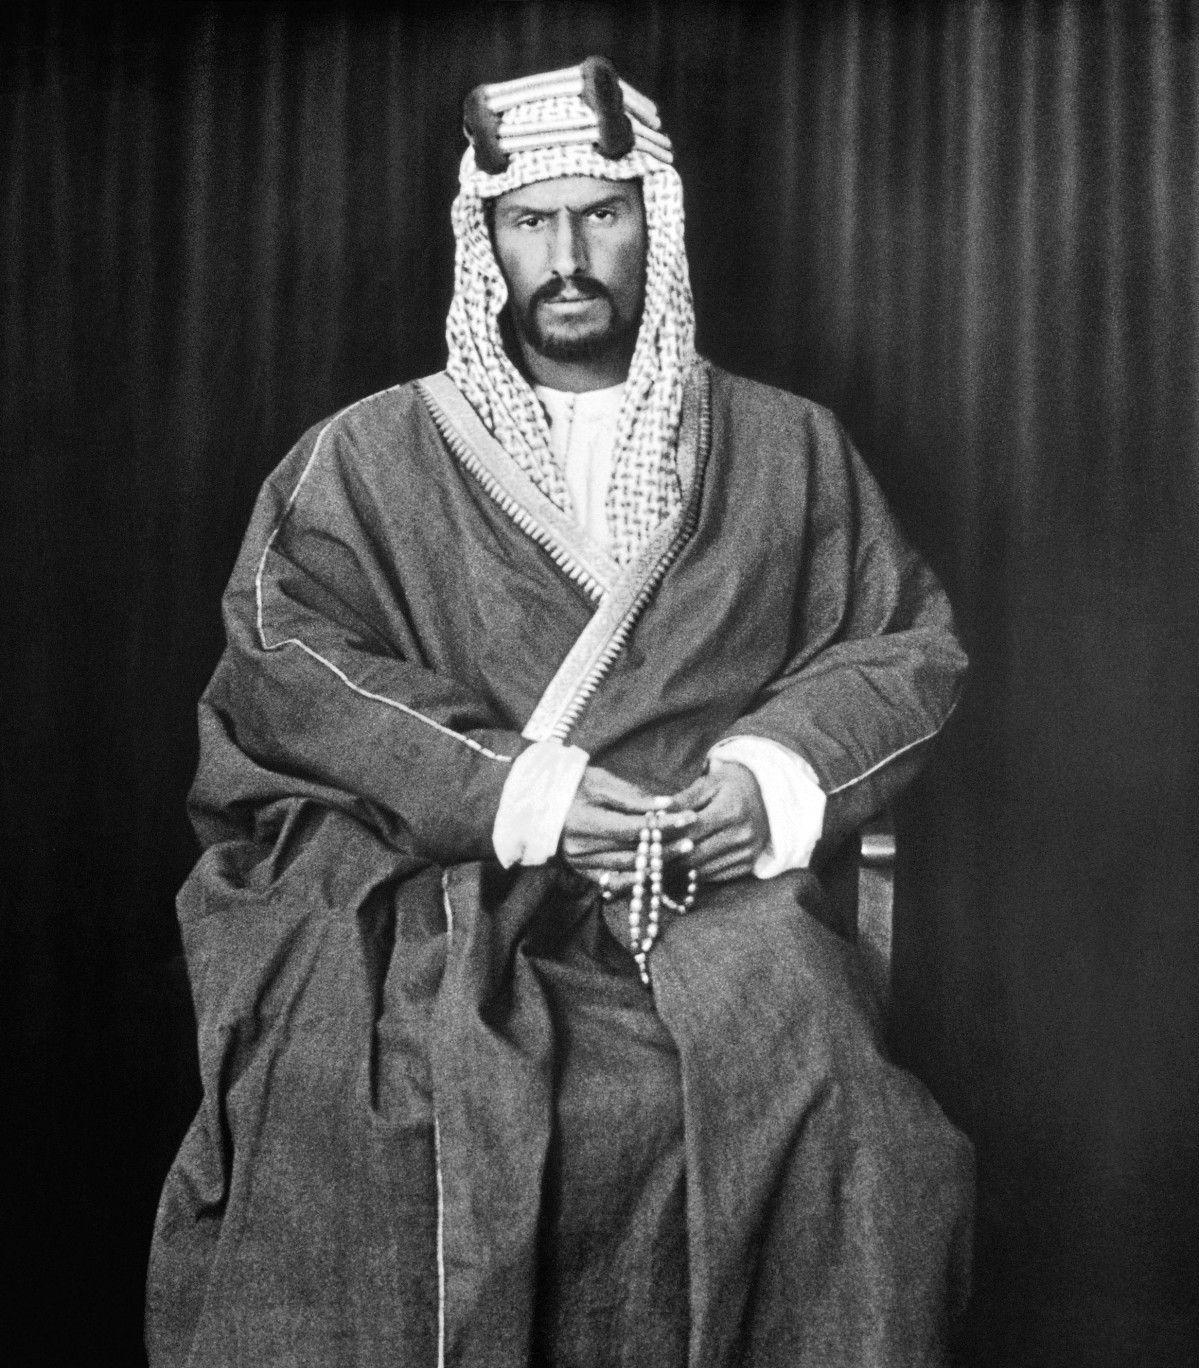 مؤسس الدولة السعودية الاولى محمد بن سعود